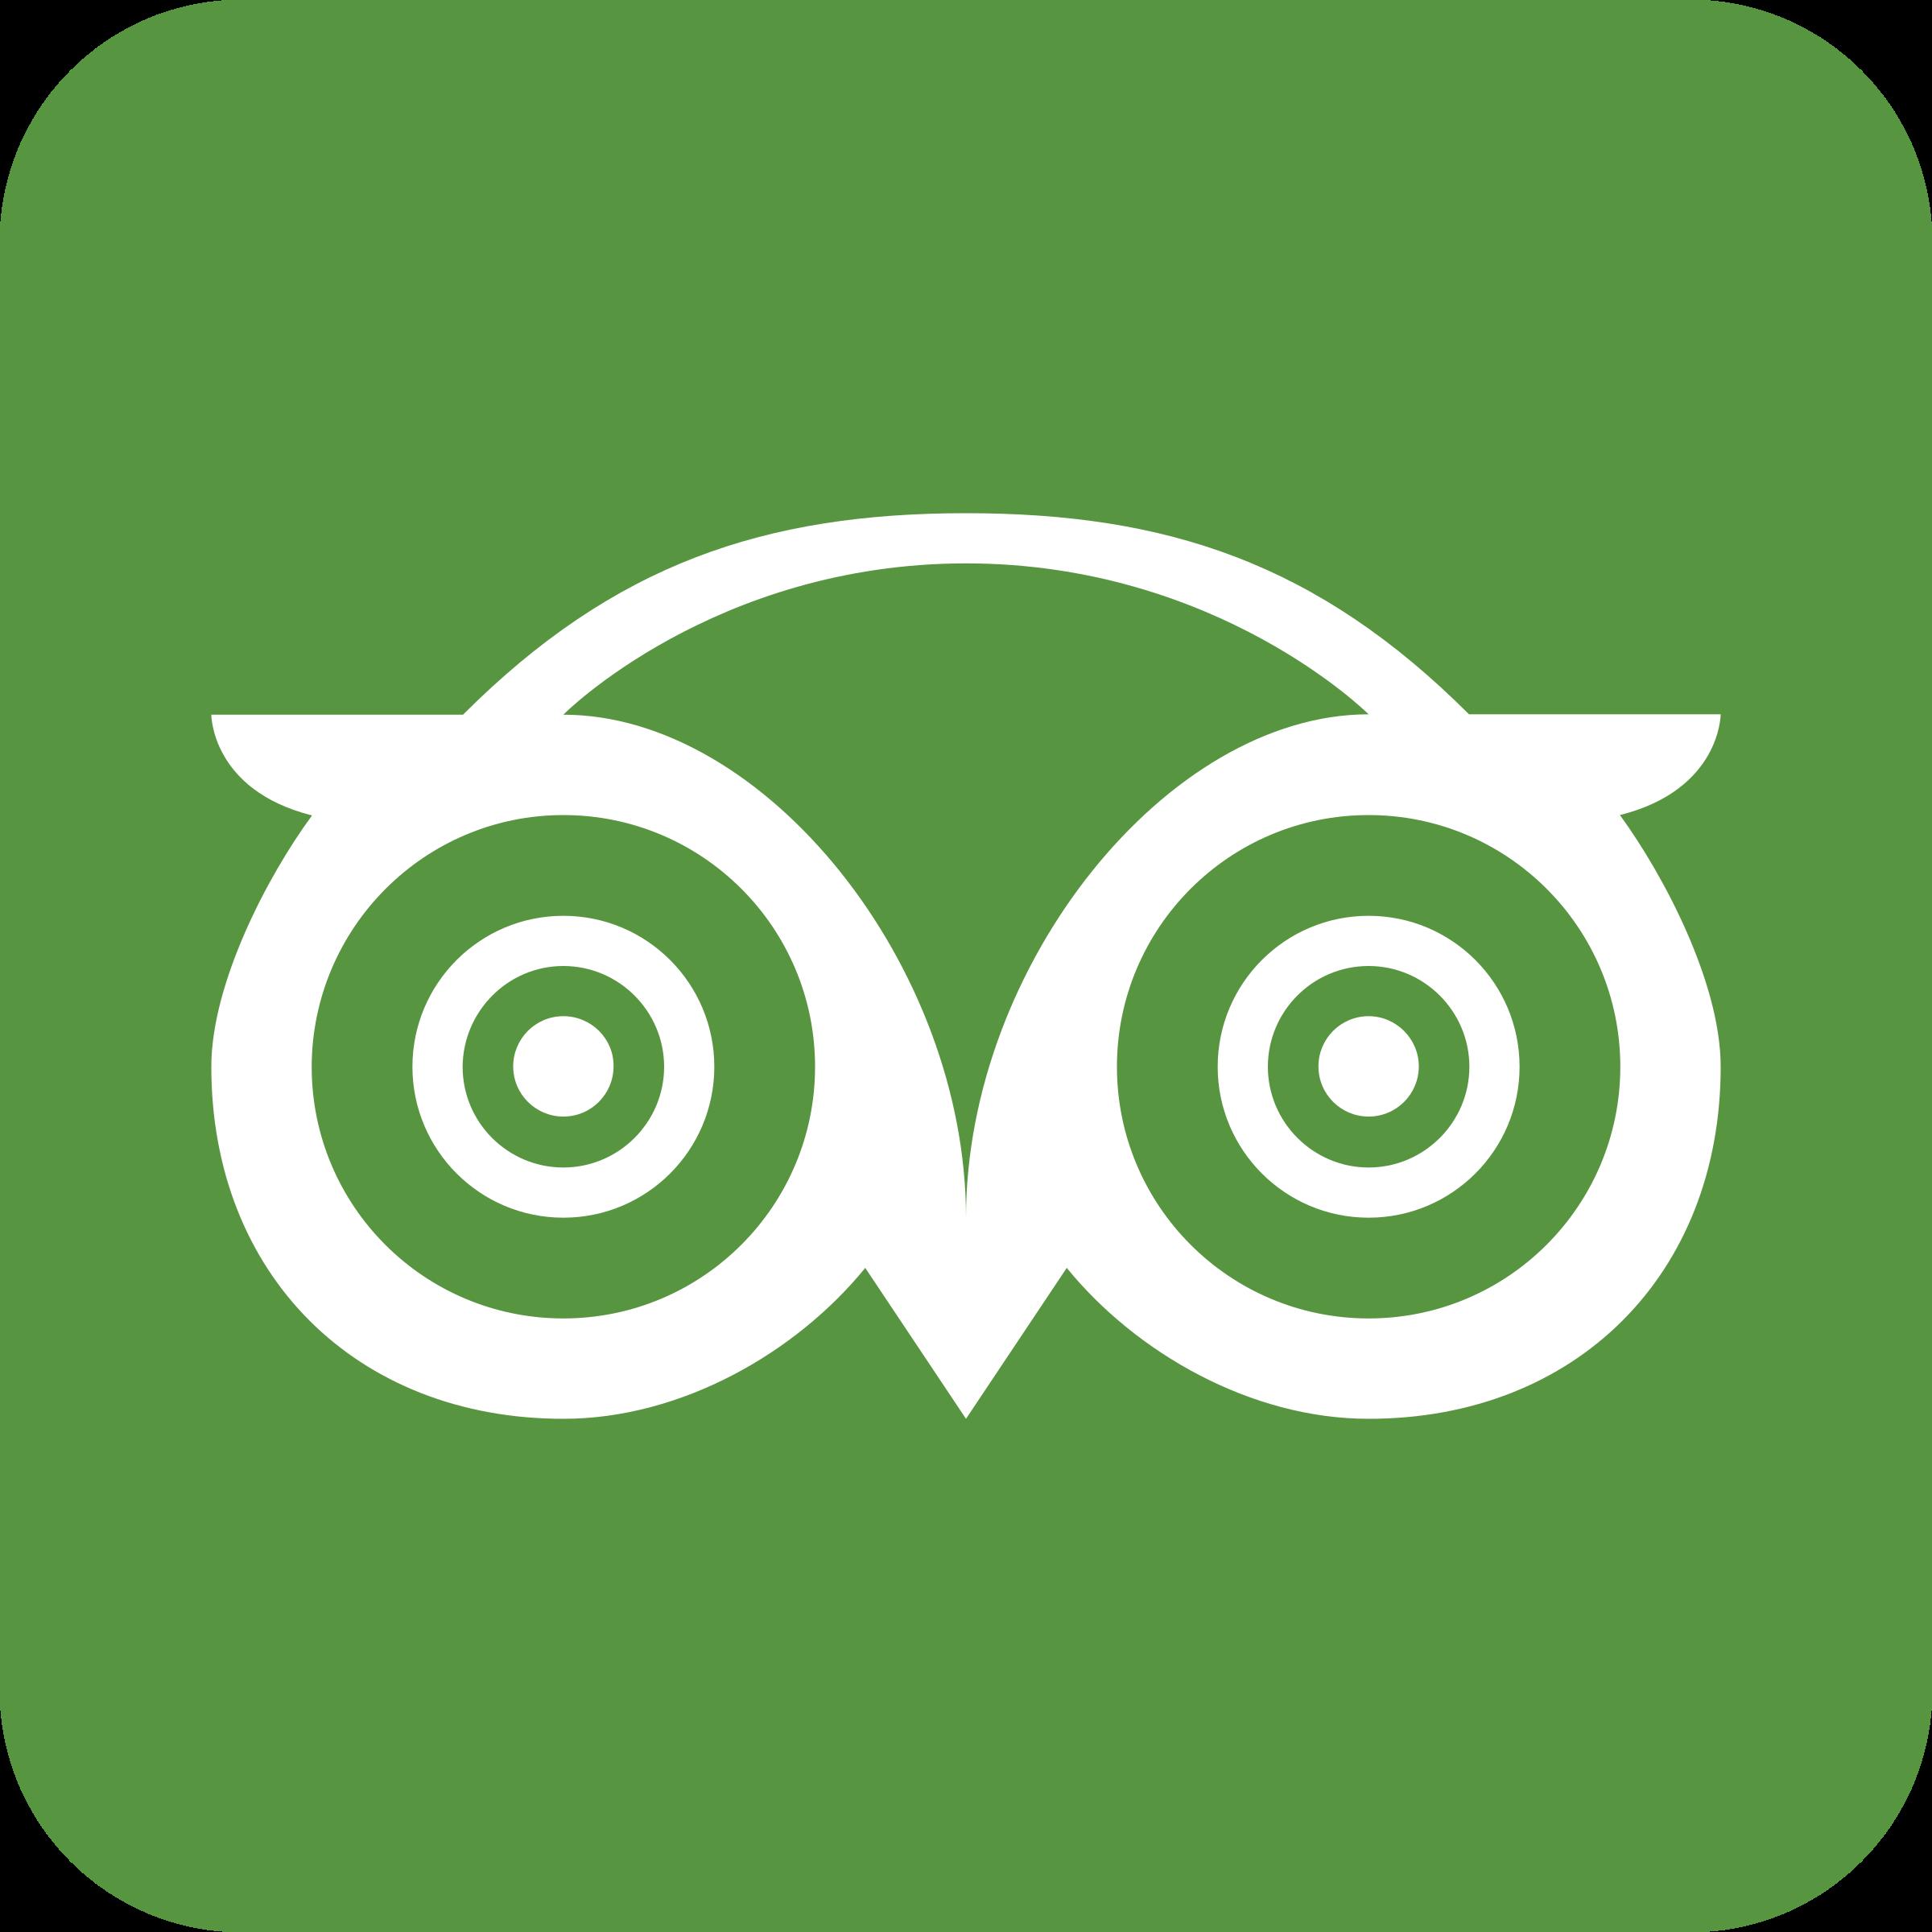 Tripadvisor Logo   Significado, História e PNG